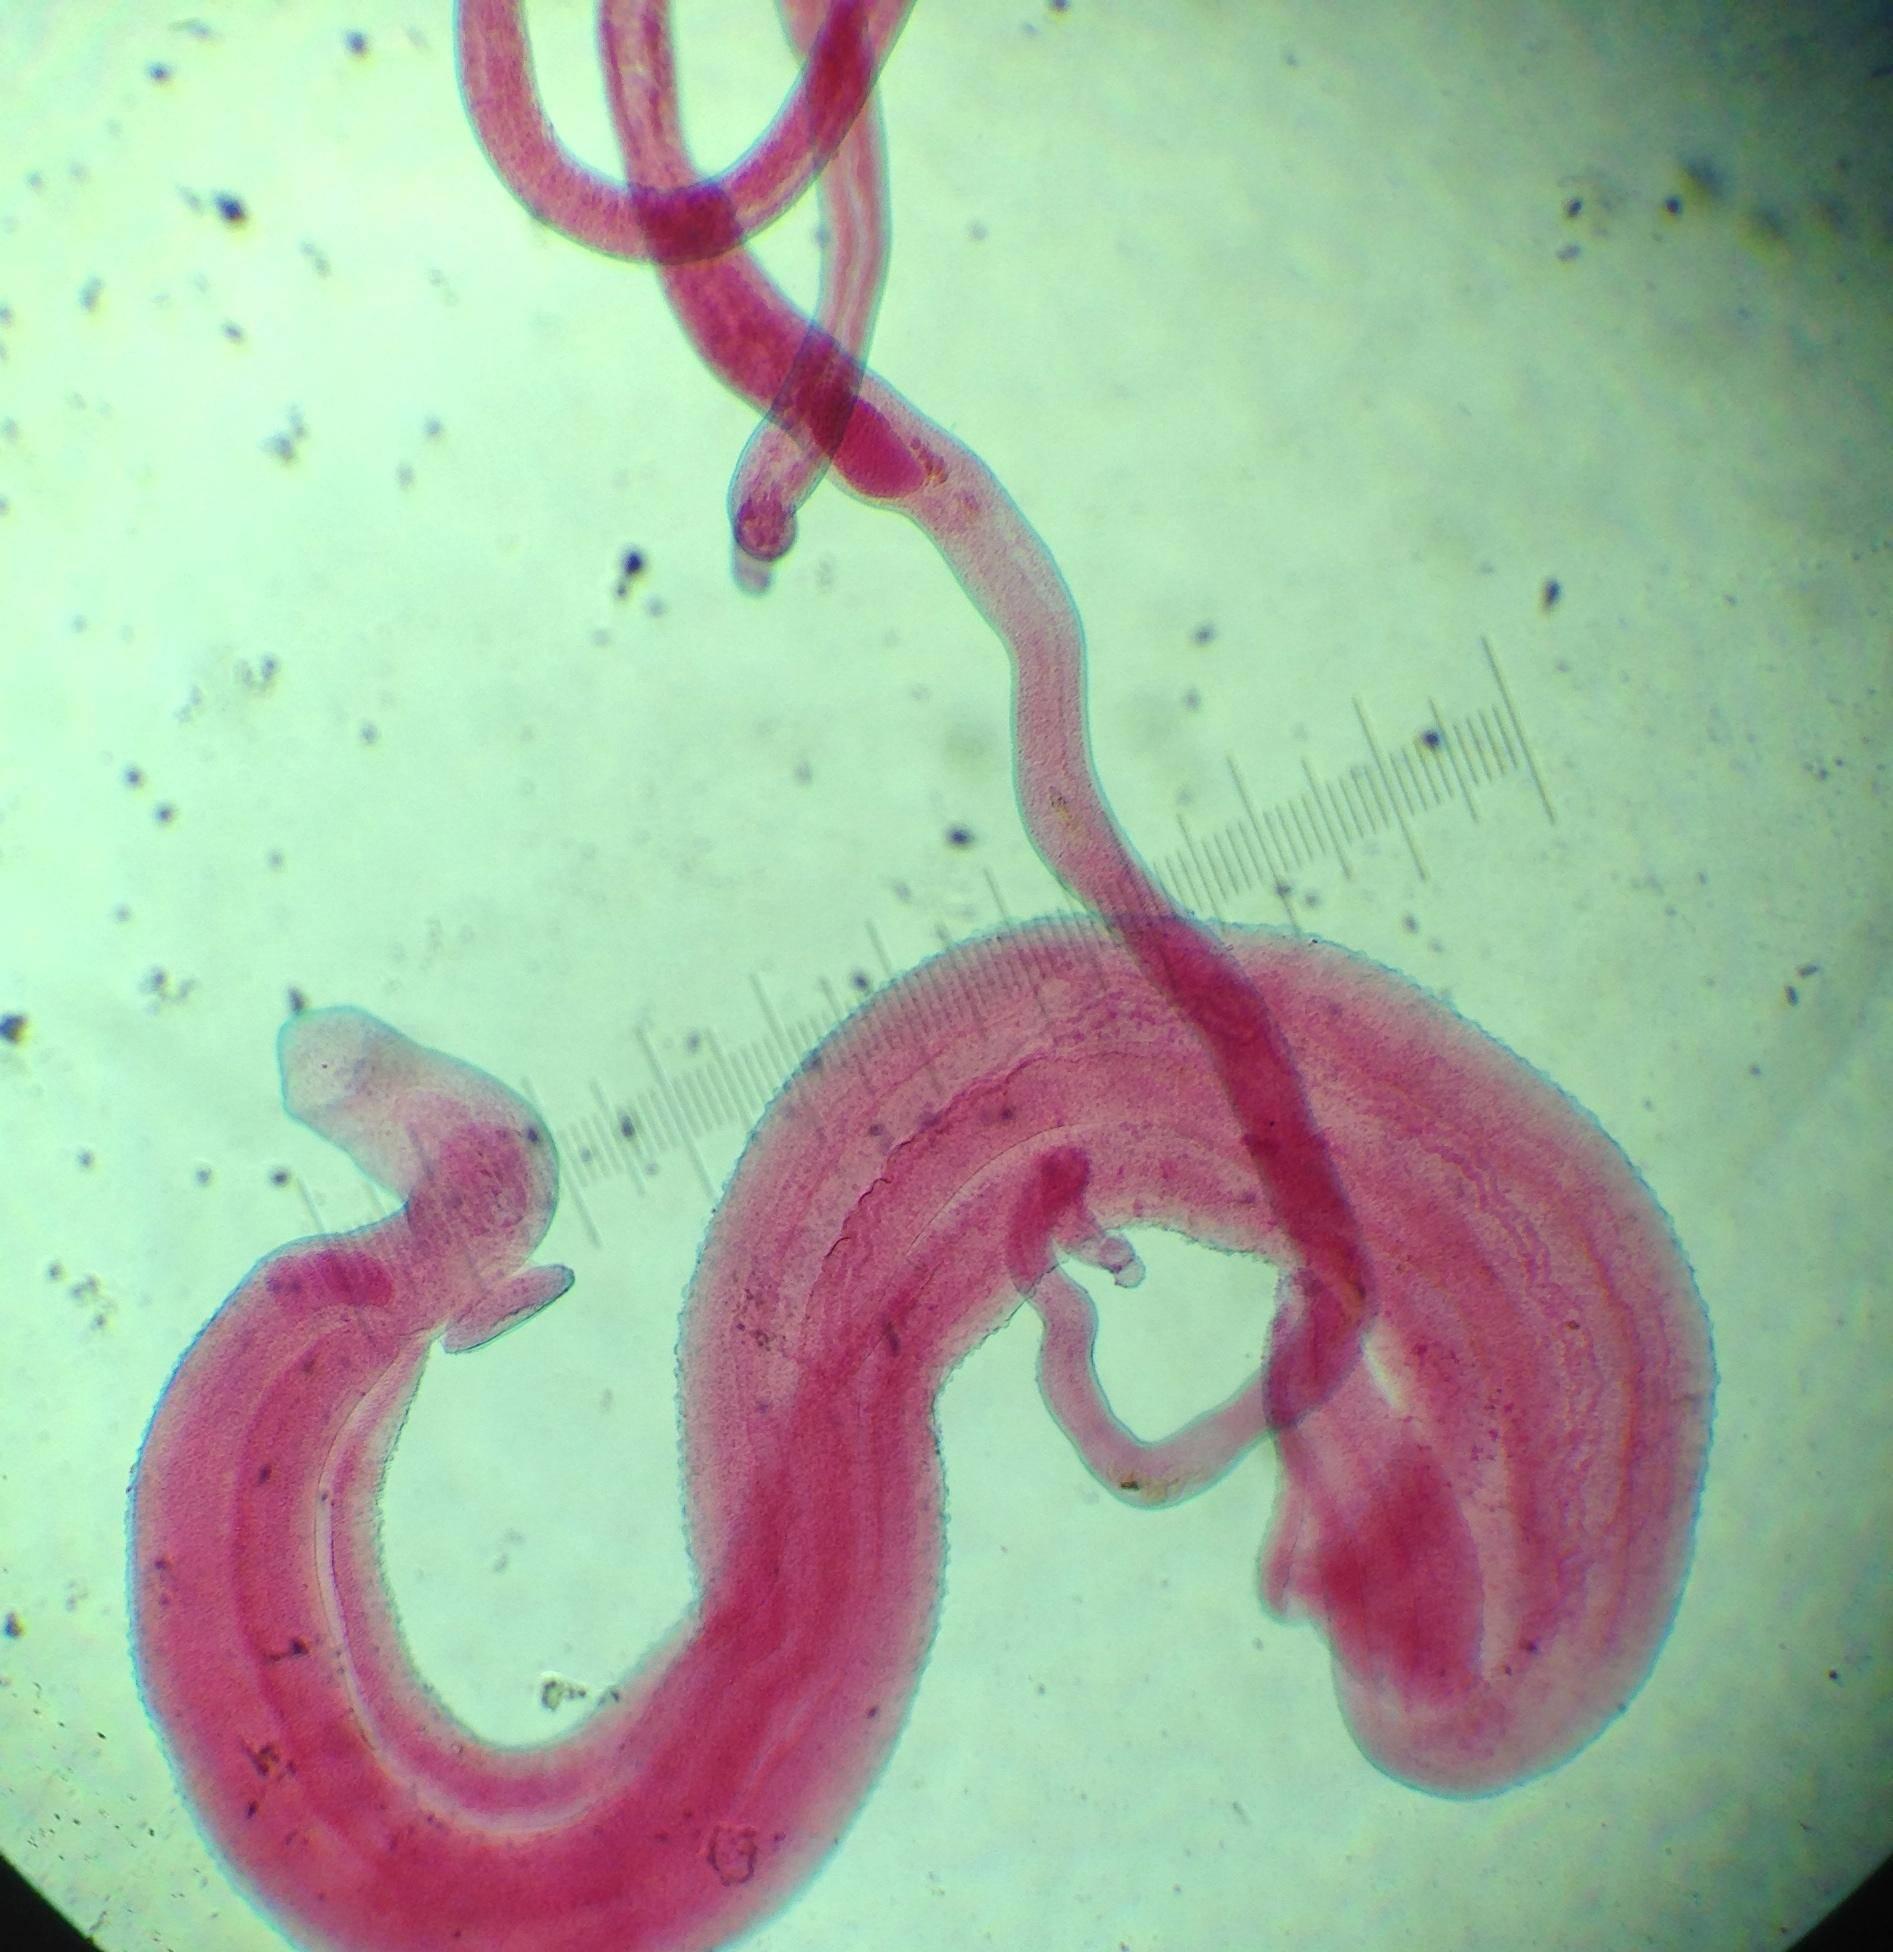 Мочеполовой шистосомоз - симптомы болезни, профилактика и лечение мочеполового шистосомоза, причины заболевания и его диагностика на eurolab